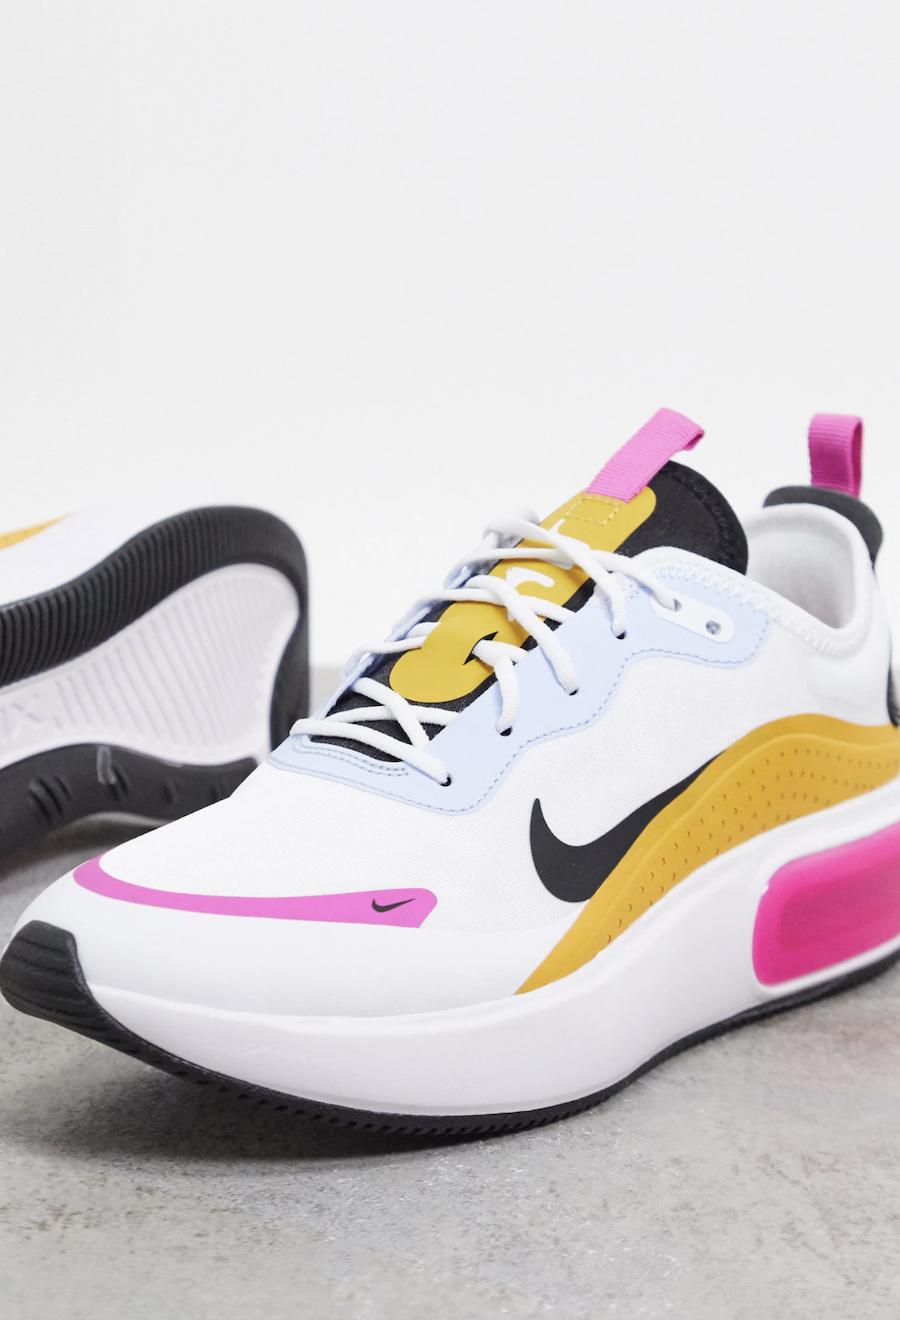 Zapatillas en blanco, rosa, naranja y azul Air Max Dia de Nike